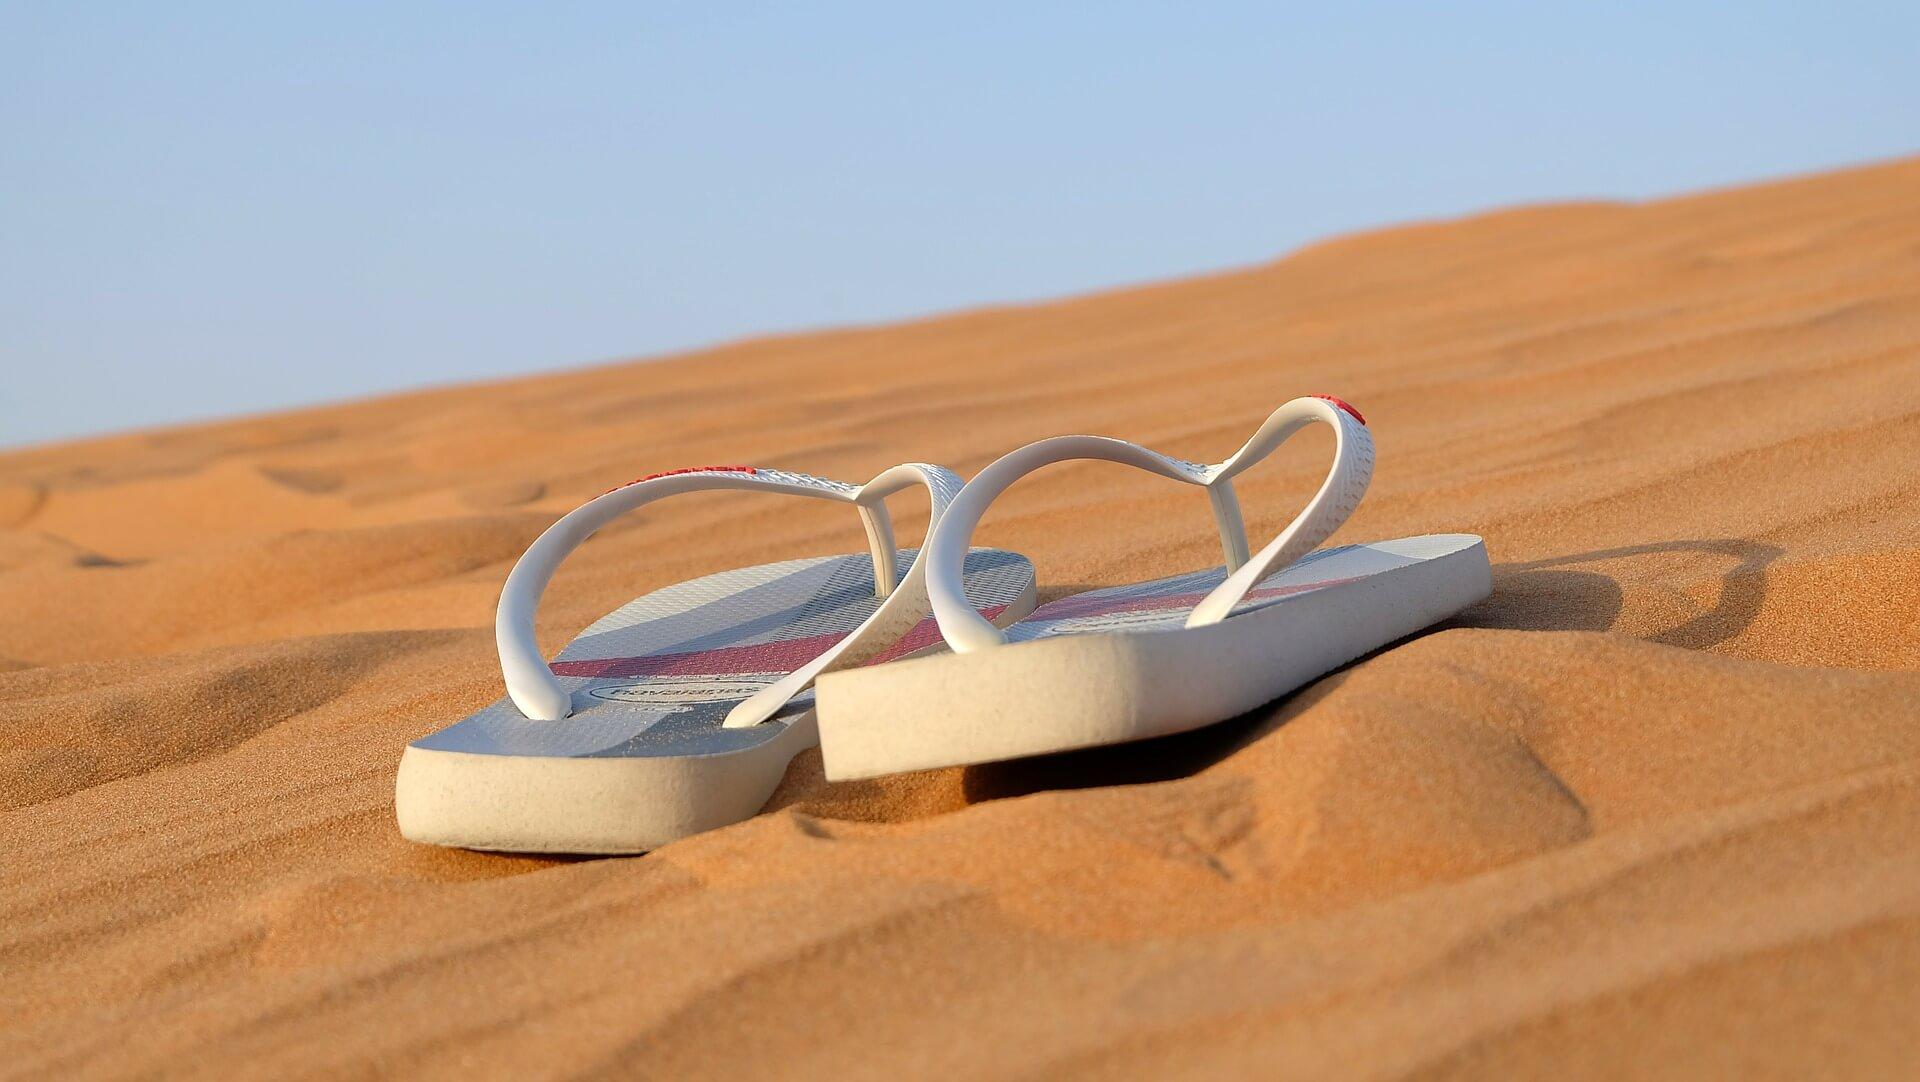 Vemos um par de chinelos no meio da areia (imagem ilustrativa).